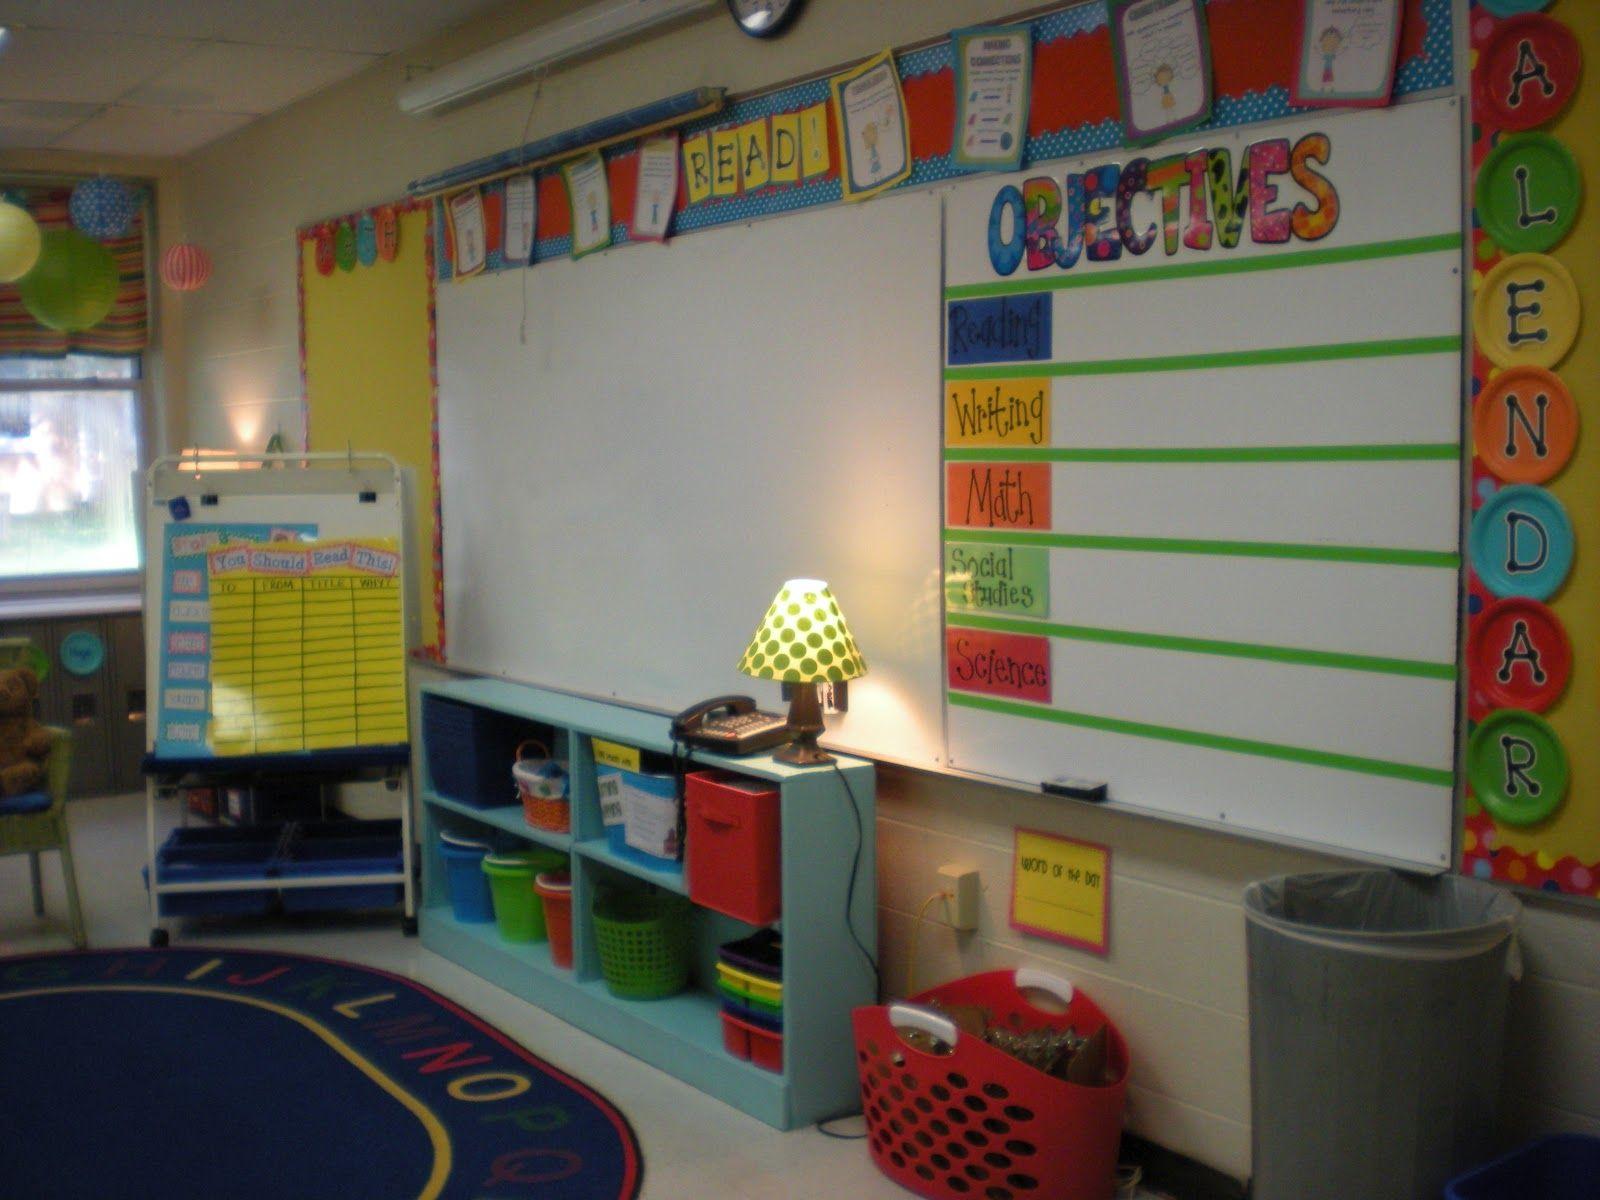 classroom+3rd+044.JPG 1,600×1,200 pixeles